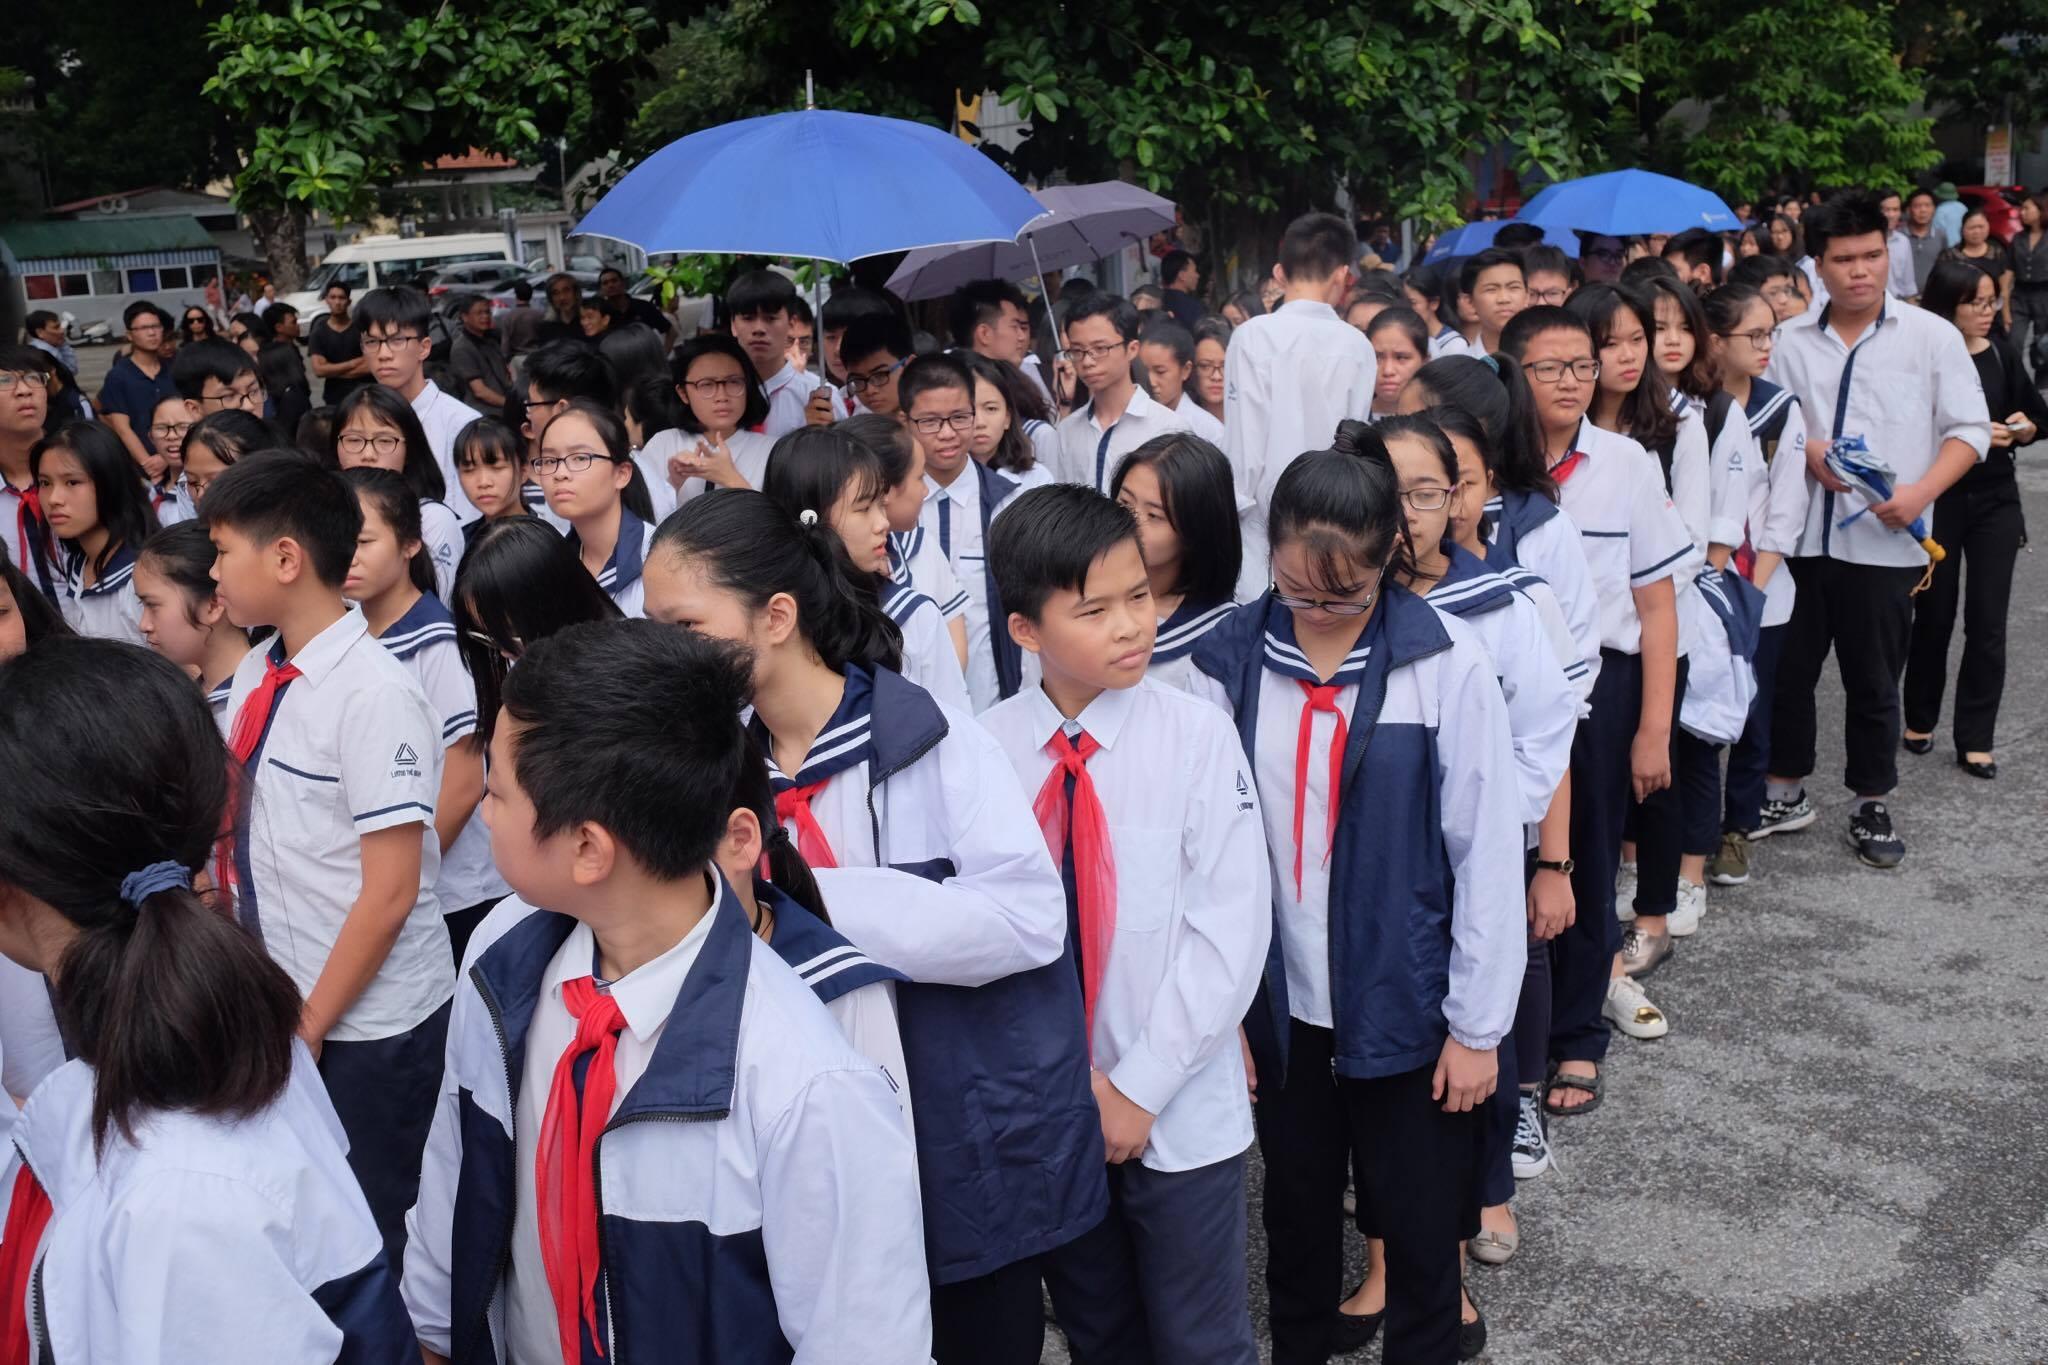 Nhiều học sinh trường Lương Thế Vinh đã bật khóc trong giờ phút tiễn đưa nhà giáo, hiệu trưởng Văn Như Cương về cõi vĩnh hằng.